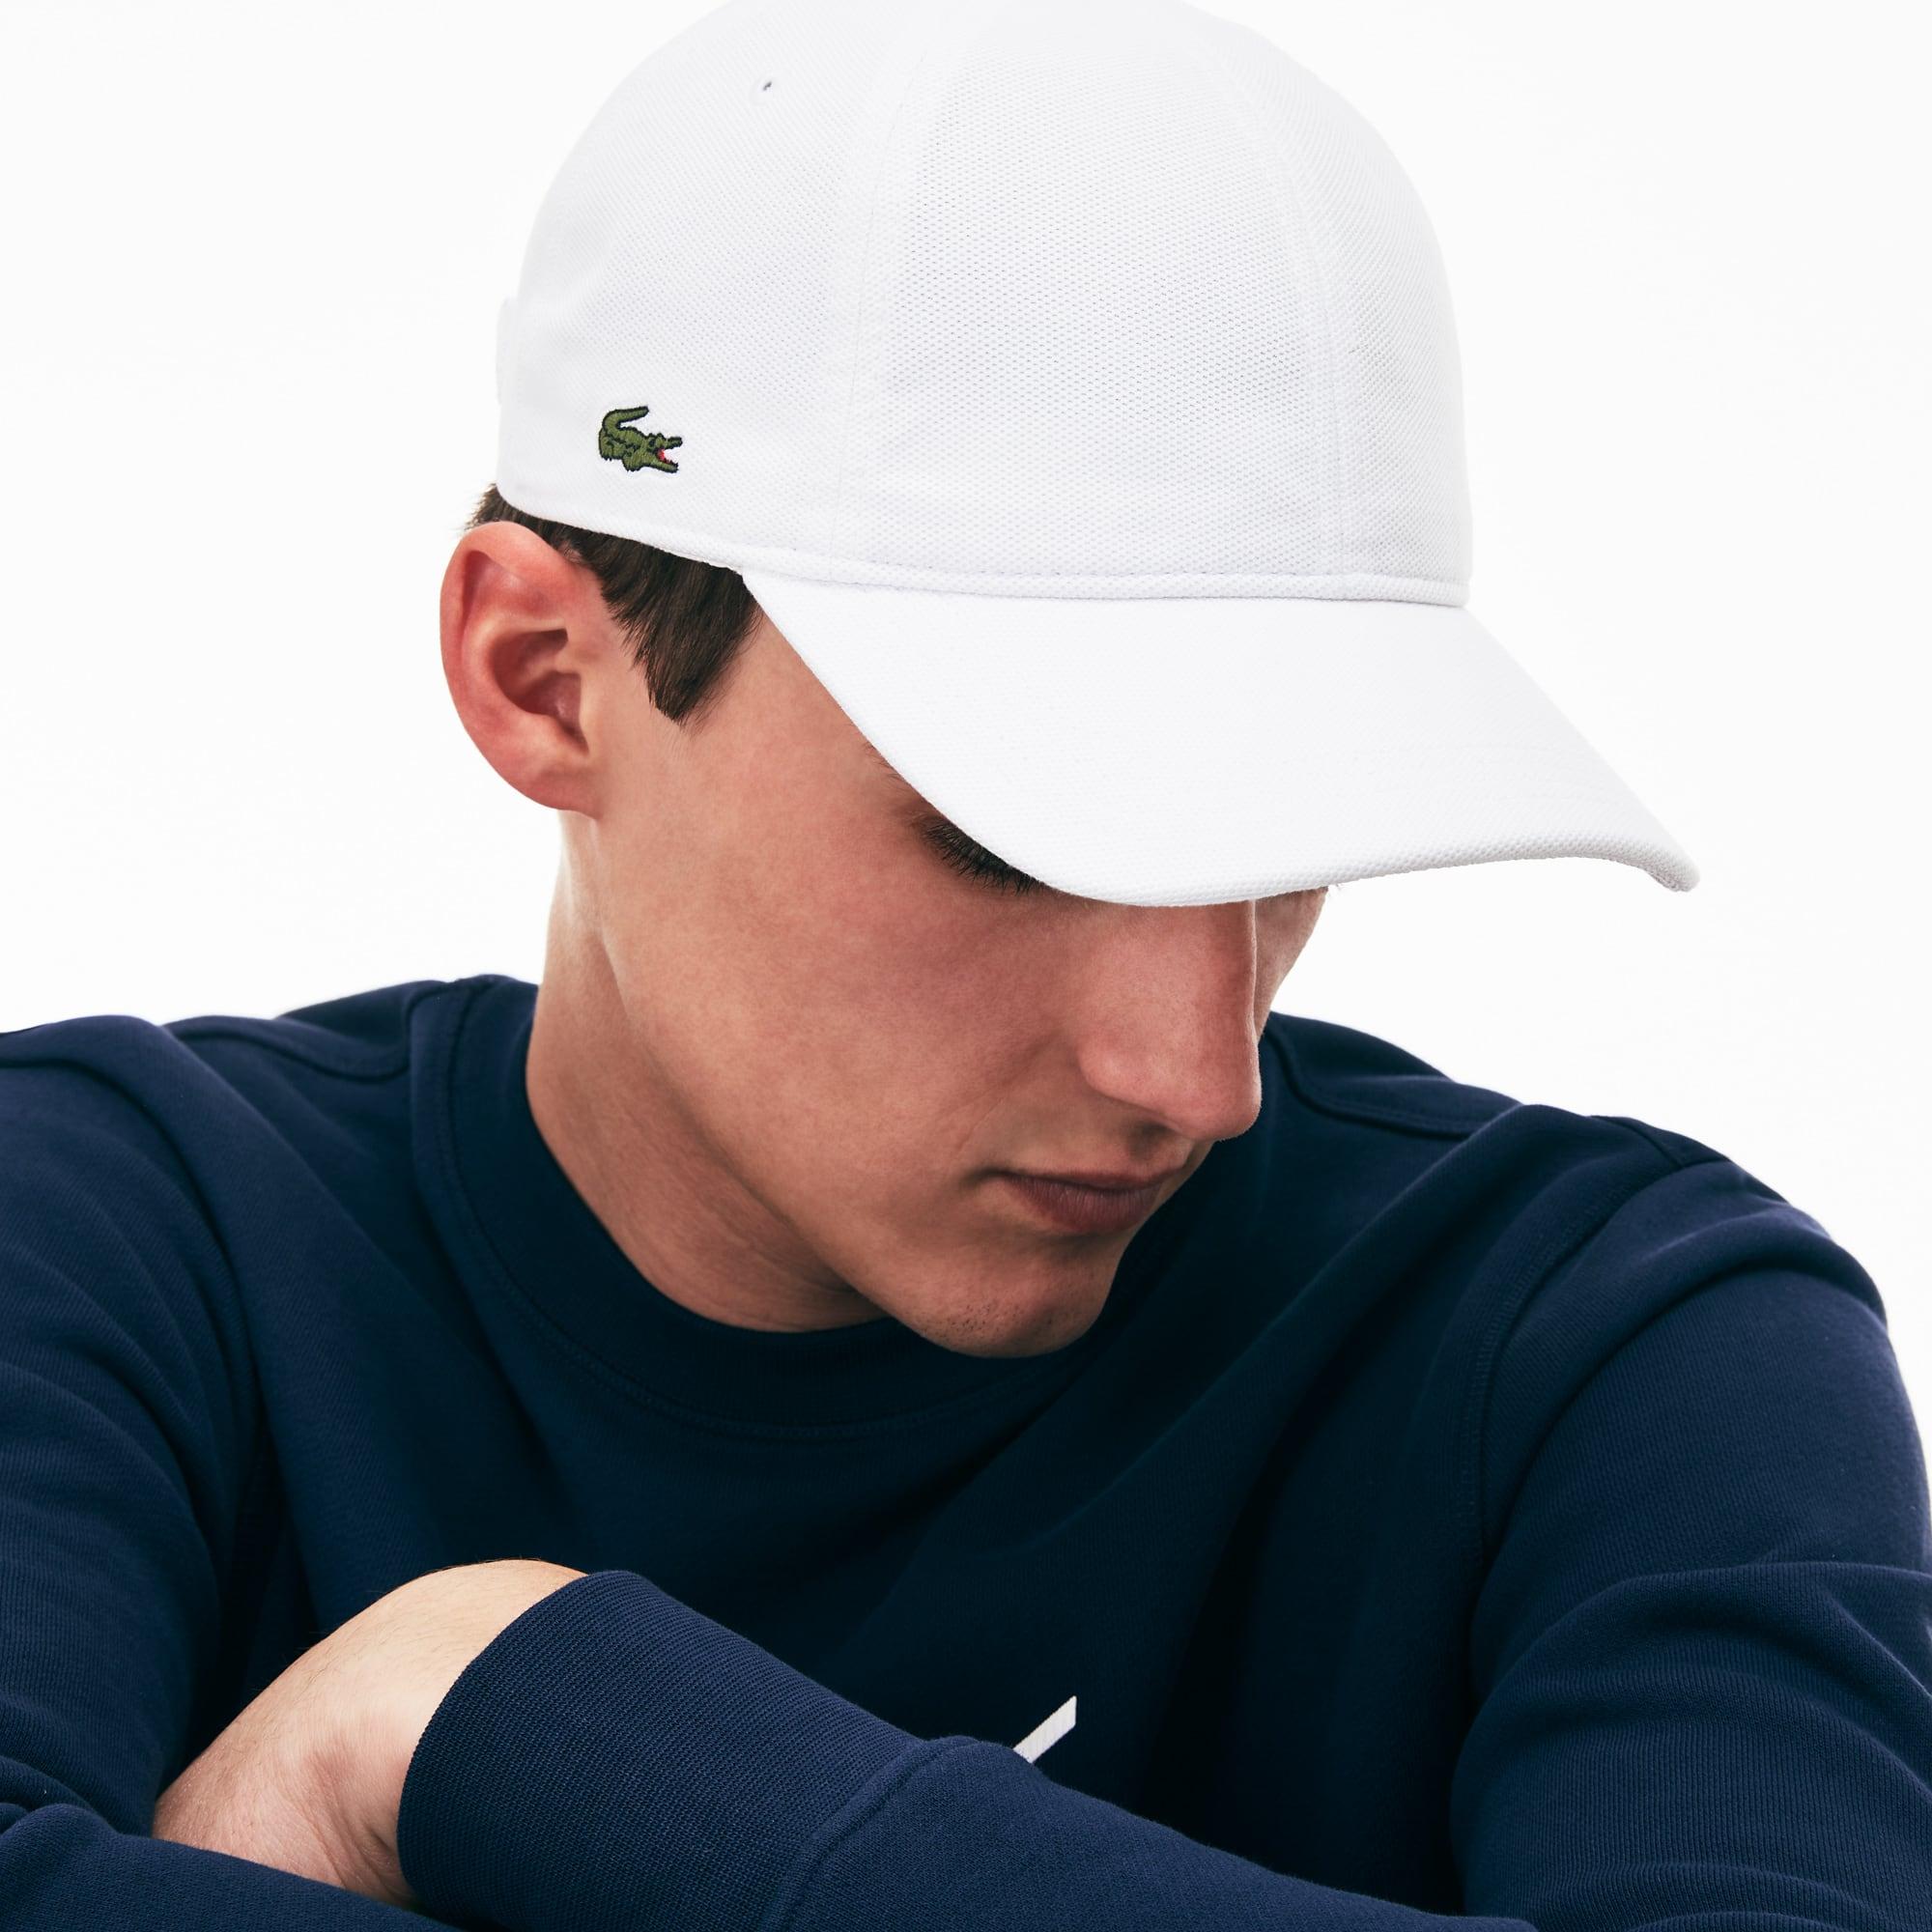 b0237cd5e8 Men's Cotton Piqué Cap